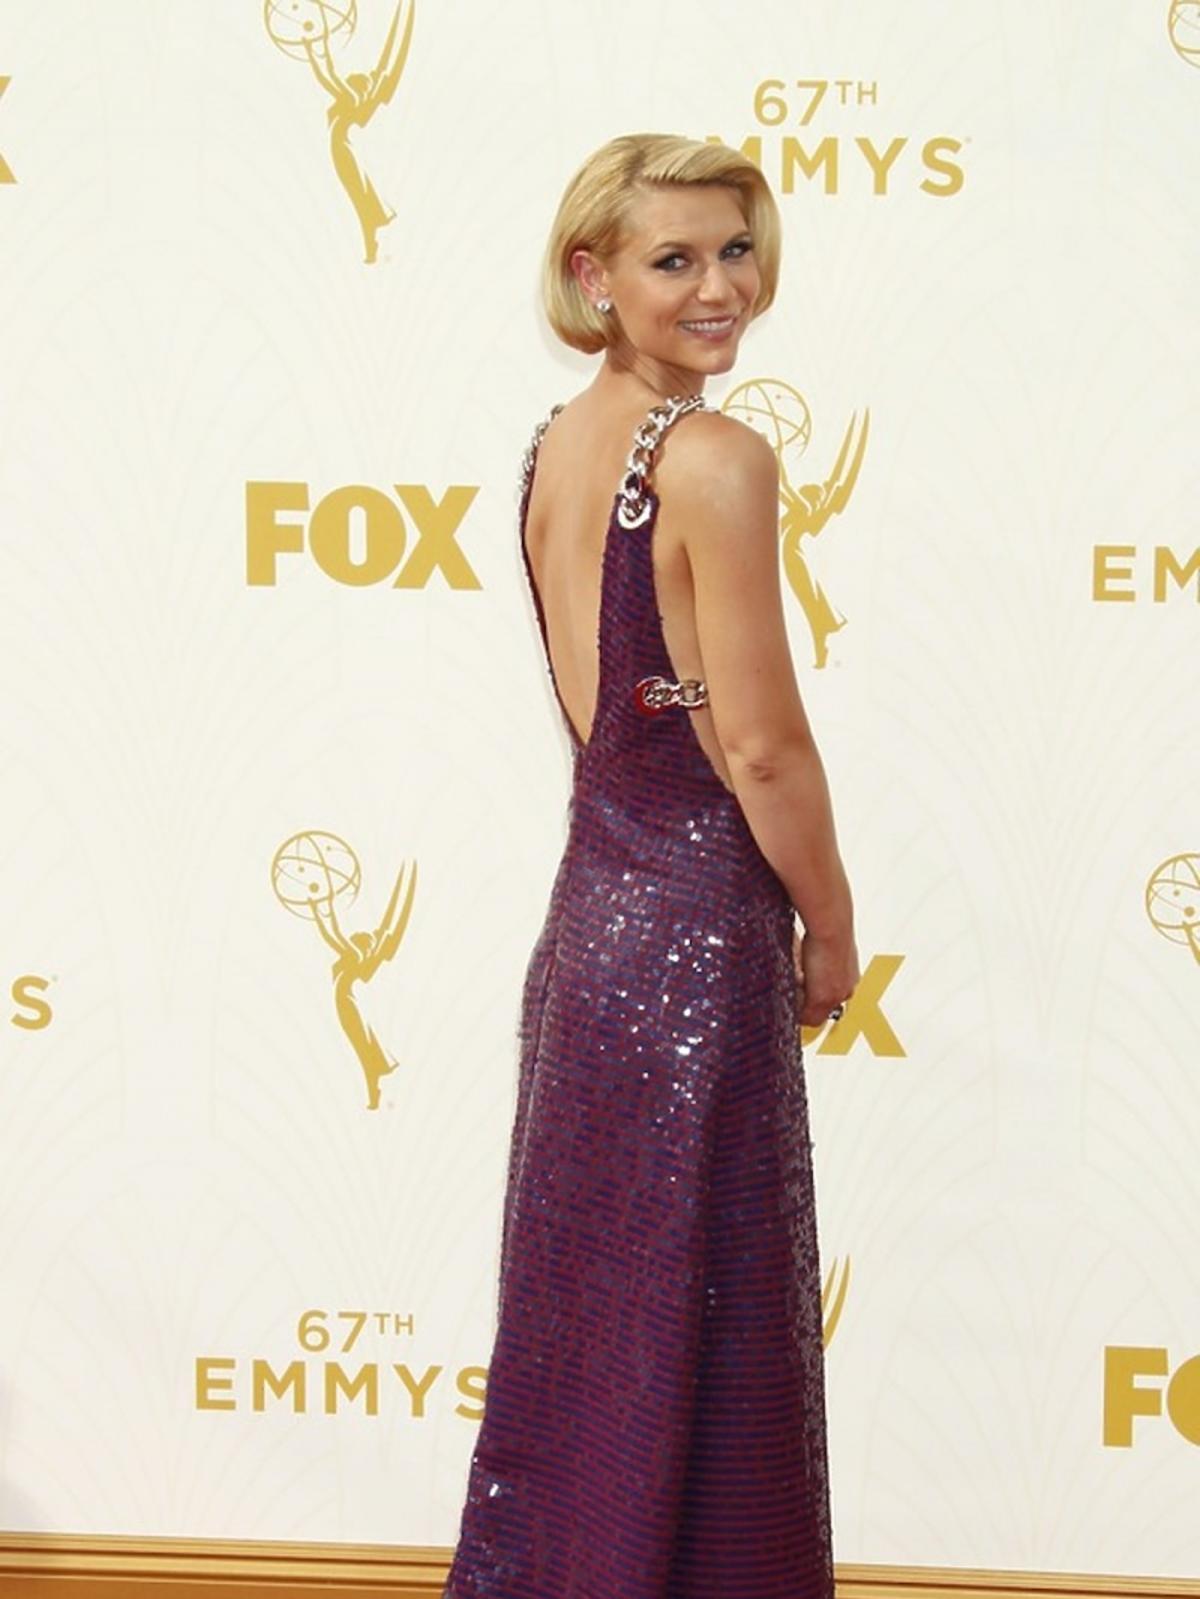 Claire Danes w błyszczącej  bordowej sukience